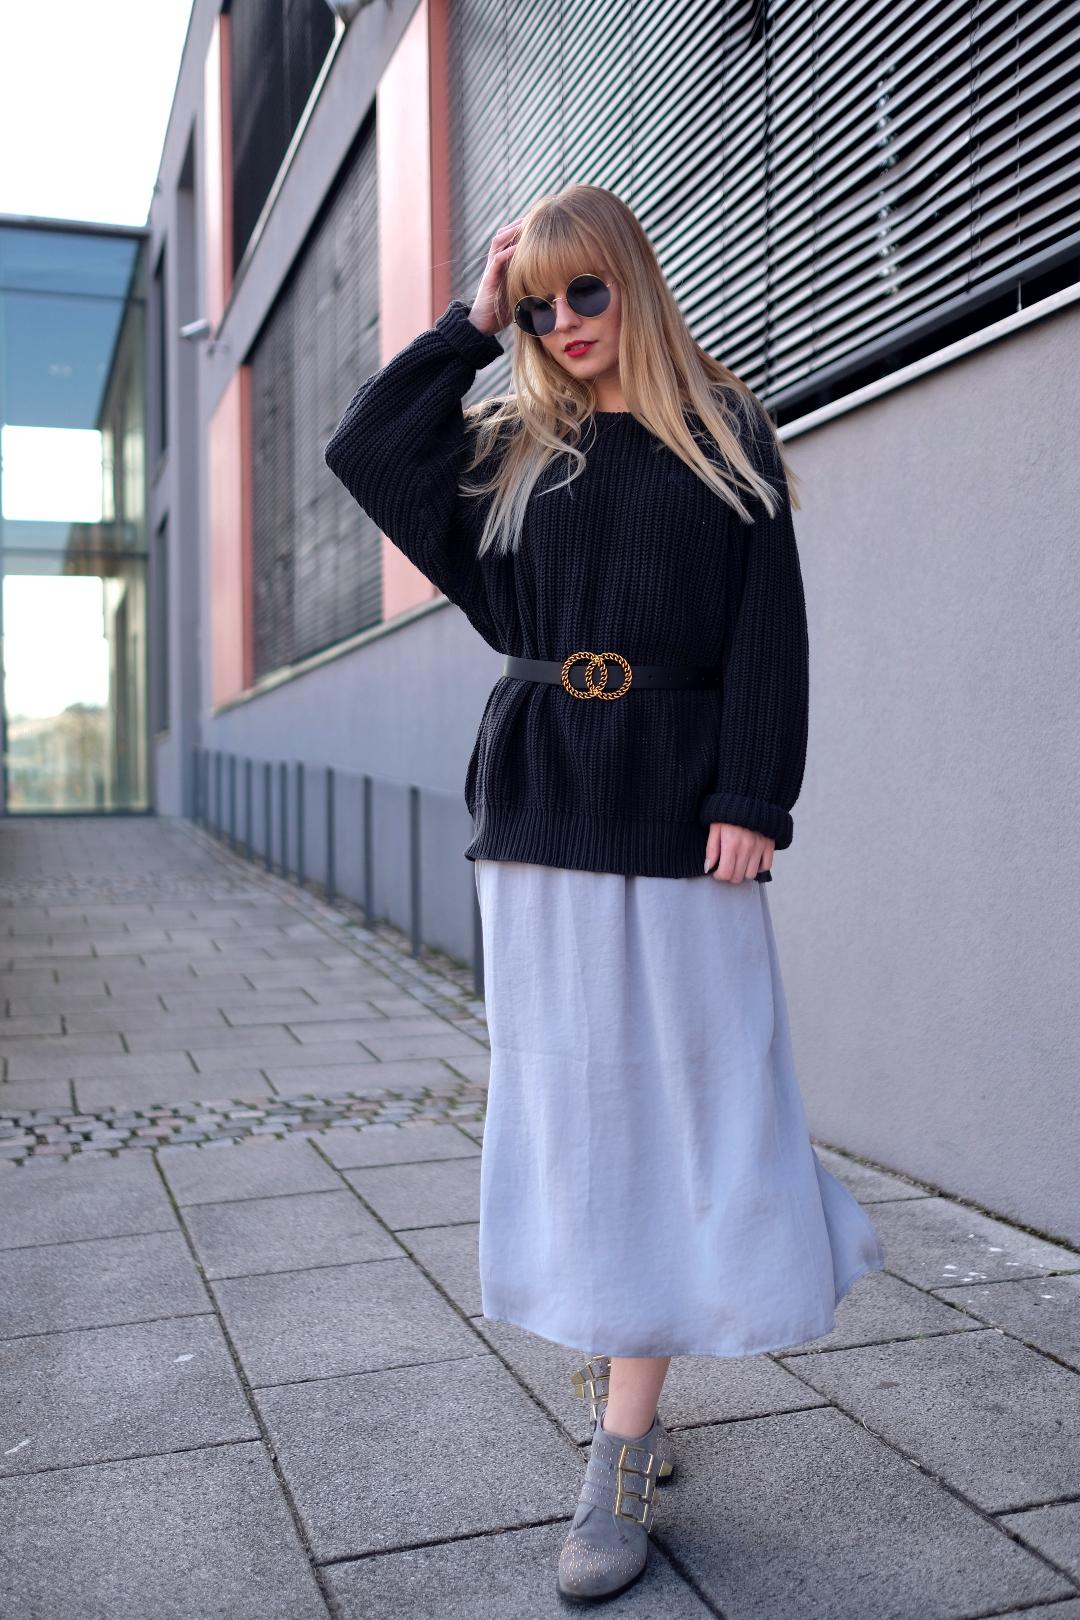 fashion blogger stil aus deutschland frankfurt aschaffenburg blond mit layering outfit fujifilm xt20